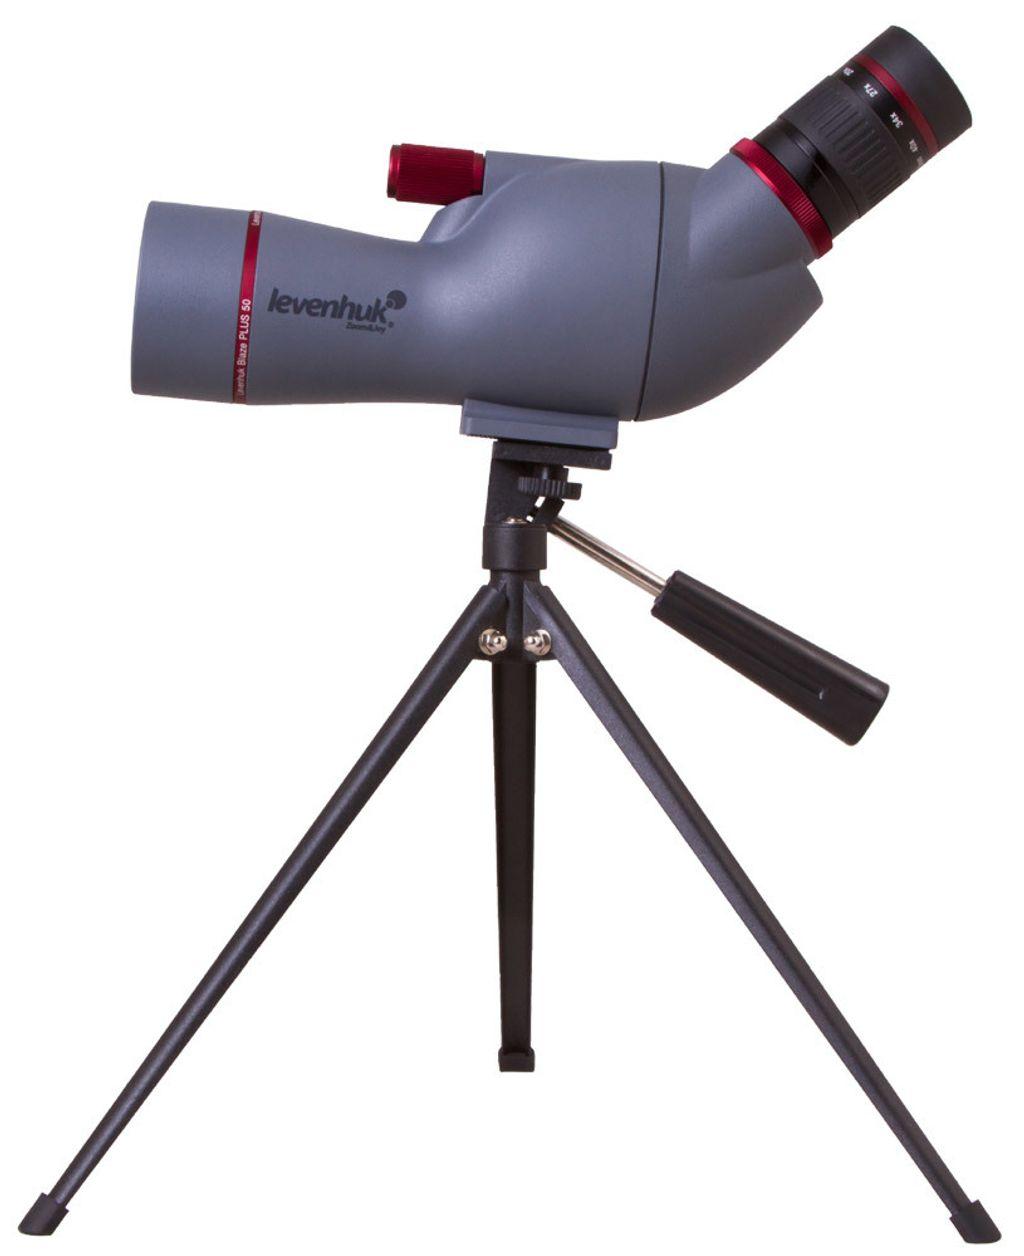 levenhuk-spotting-scope-blaze-plus-50-03.jpg